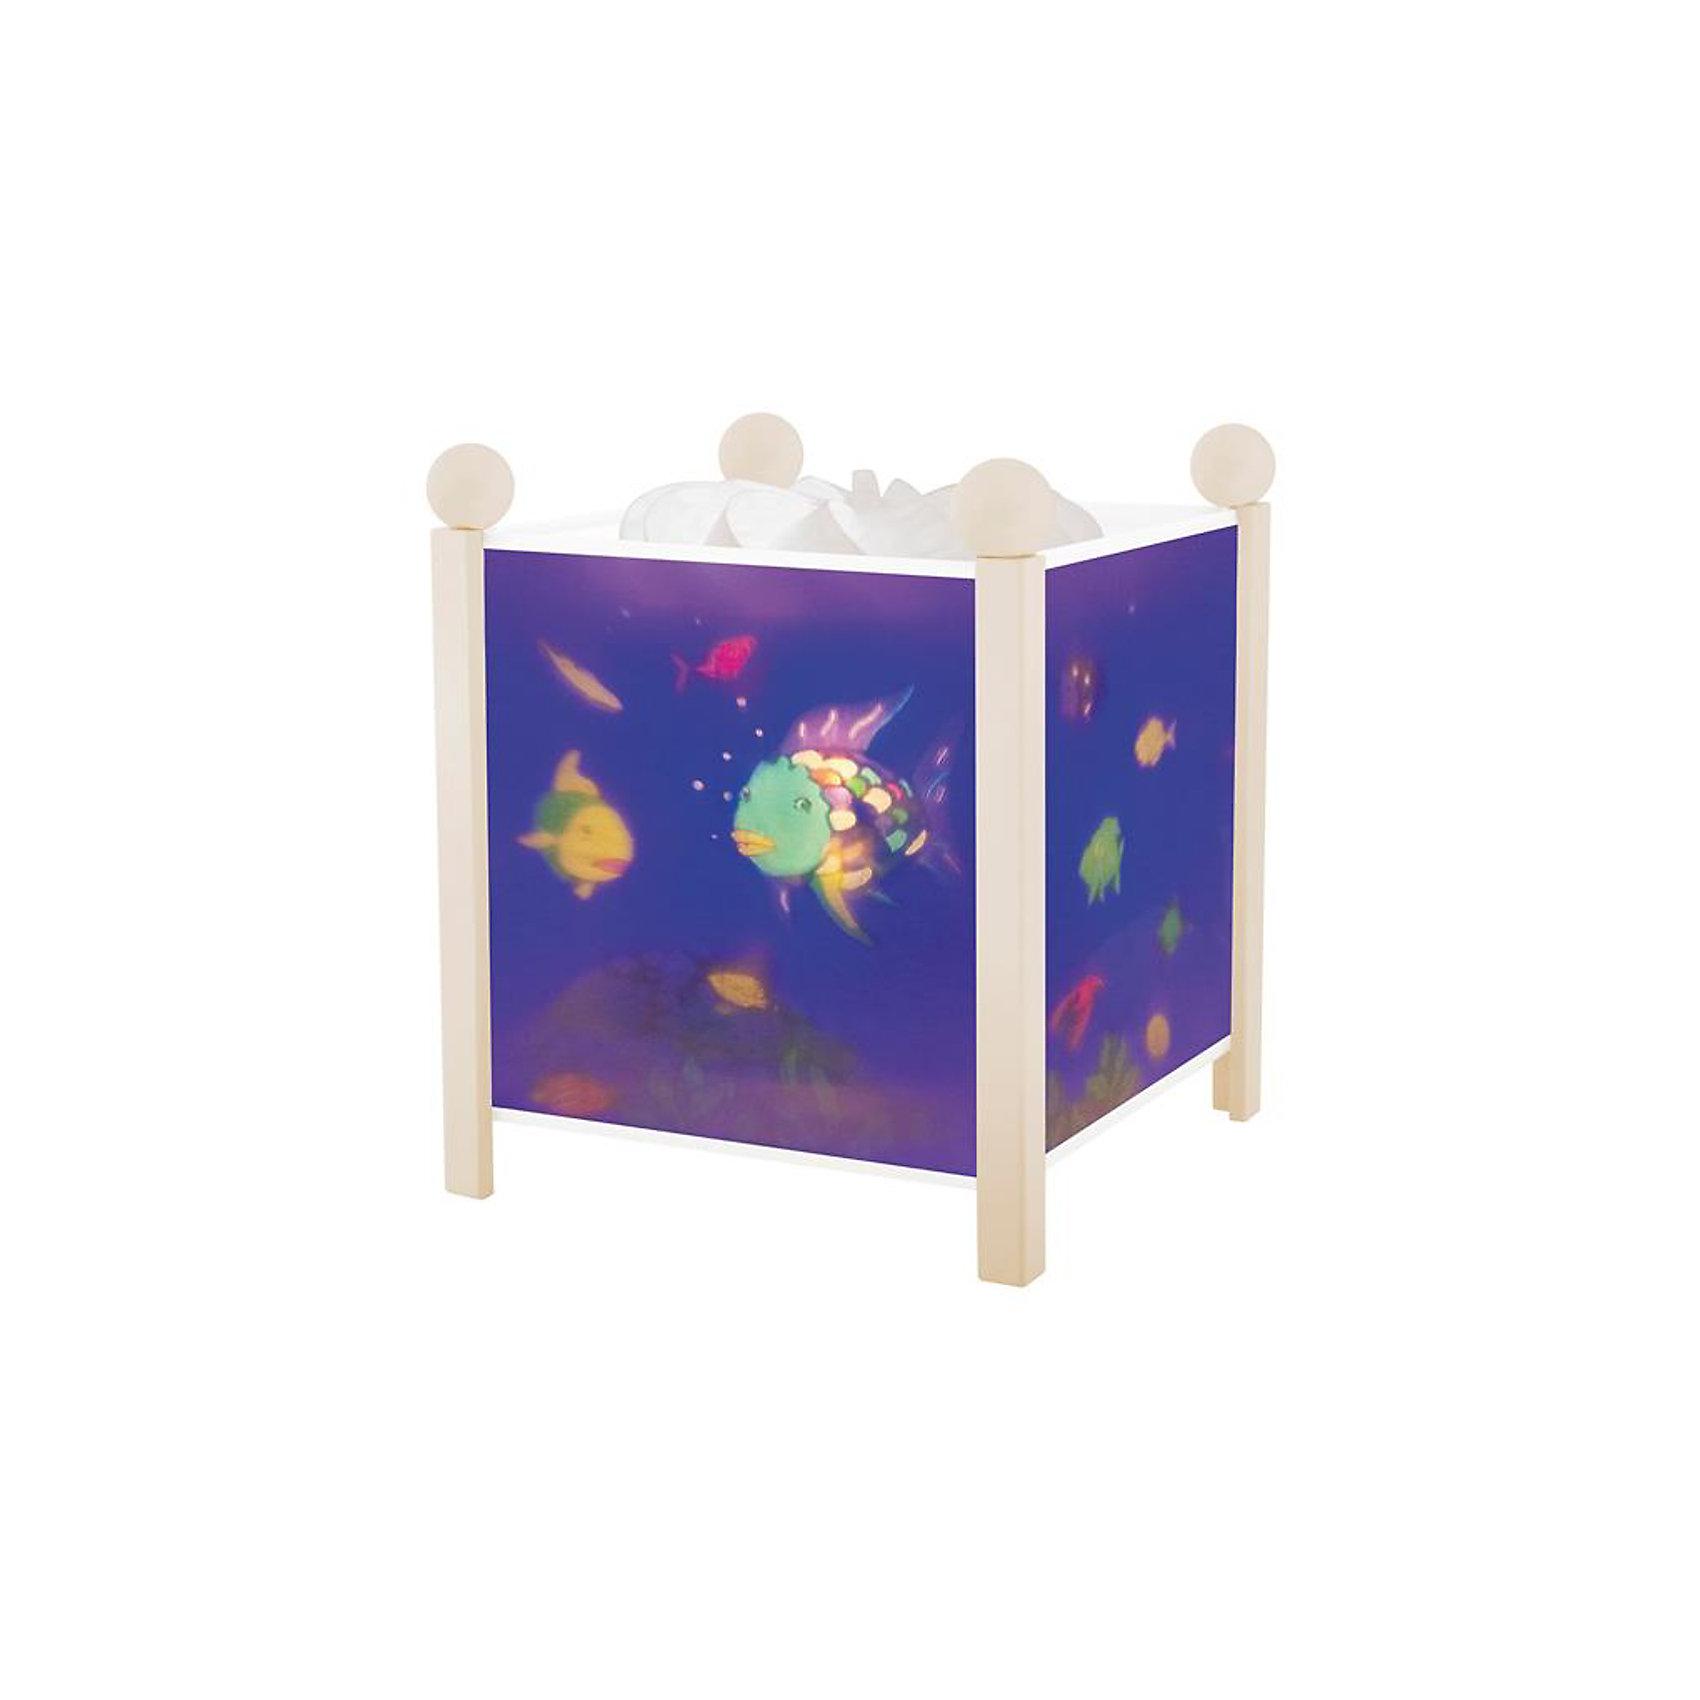 Светильник-ночник Аквариум, 12V, TrousselierНочники и проекторы<br>Светильник-ночник Аквариум, 12V, Trousselier сделан в виде симпатичной игрушки, которая делает приятным и уютным погружение в сладкий мир сновидений.<br><br>Он светится нежным мягким светом, не раздражающим глазки даже ночью. Внутрь светильника встроен специальный механизм, вращающий цилиндр ночника от тепла лампочки.  Ночник упакован в праздничную коробку, что дает возможность преподнести его в качестве подарка на праздник.<br><br>Дополнительная информация:<br><br>- Цилиндр ночника вращается благодаря  системе нагрева от лампочки 12 V 20 W, розетка E 14.C. <br>- Размер: 16,50 см x 19 см. <br>- Материал: металлический корпус, деревянные ножки и углы, пластиковый, жароустойчивый цилиндр.<br>- Вес: 1037 г<br>- Поставляется в подарочной упаковке.<br>Соответствует нормам безопасности: CE EN 60598-2-10<br><br>Светильник-ночник Аквариум, 12V, Trousselier можно купить в нашем магазине.<br><br>Ширина мм: 160<br>Глубина мм: 160<br>Высота мм: 190<br>Вес г: 1037<br>Возраст от месяцев: 36<br>Возраст до месяцев: 144<br>Пол: Унисекс<br>Возраст: Детский<br>SKU: 3807749